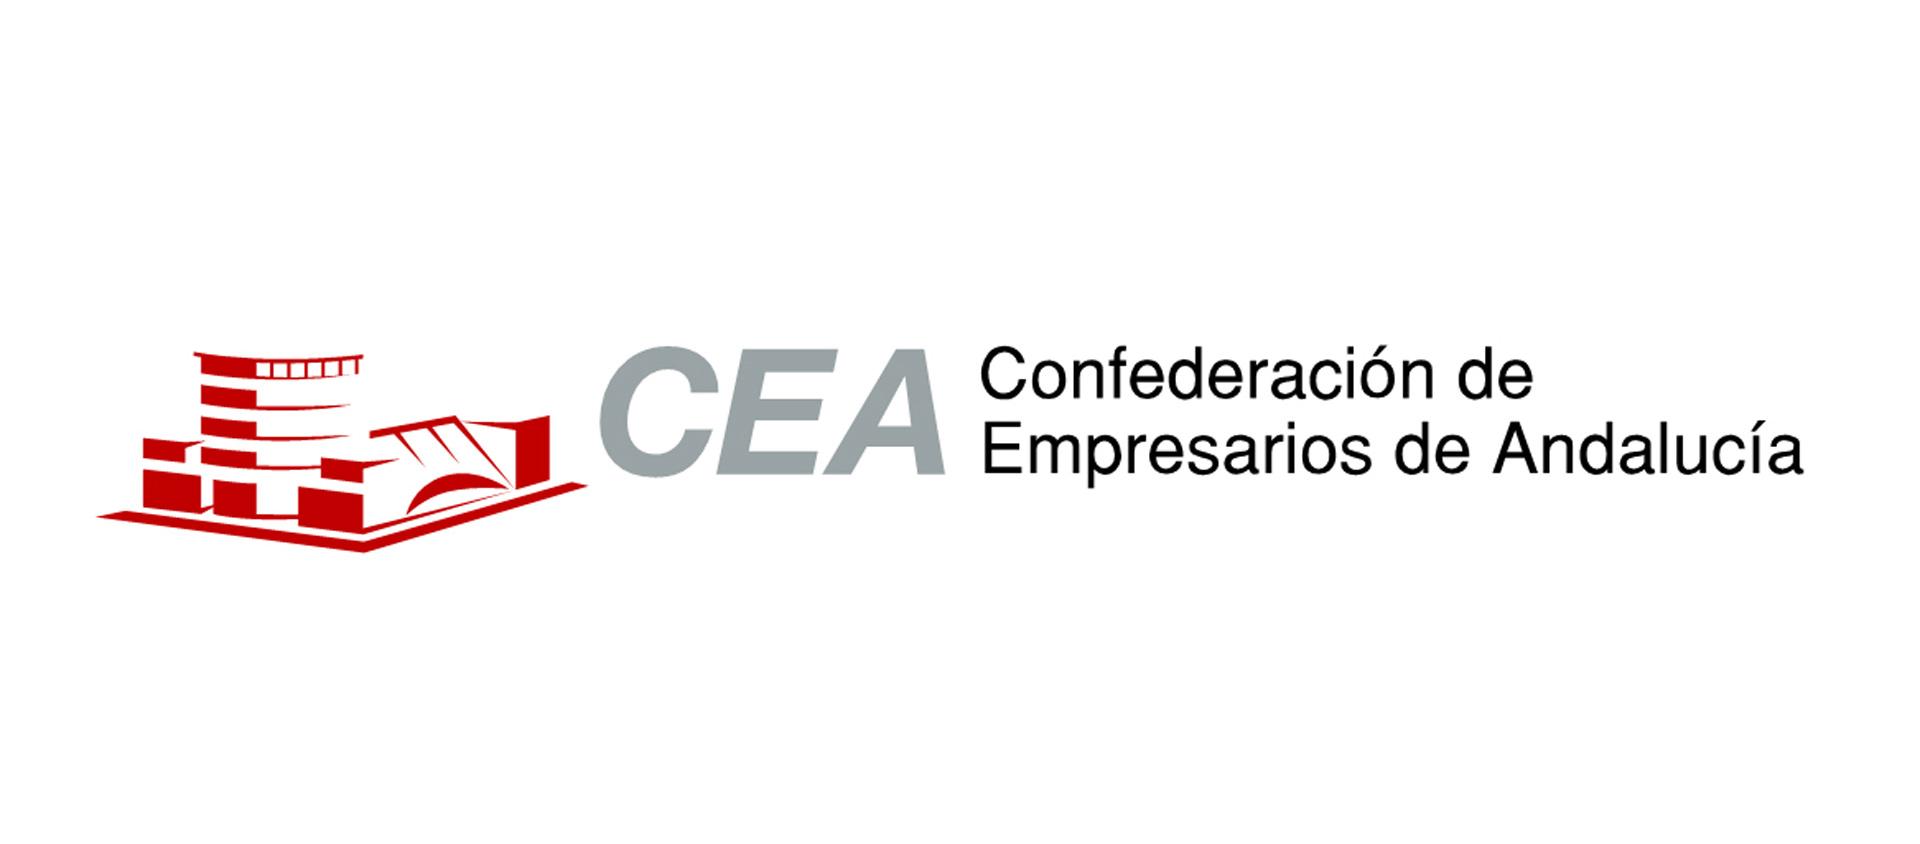 La Confederación de Empresarios de Andalucía insta a los partidos a un gran pacto para la gobernabilidad de España